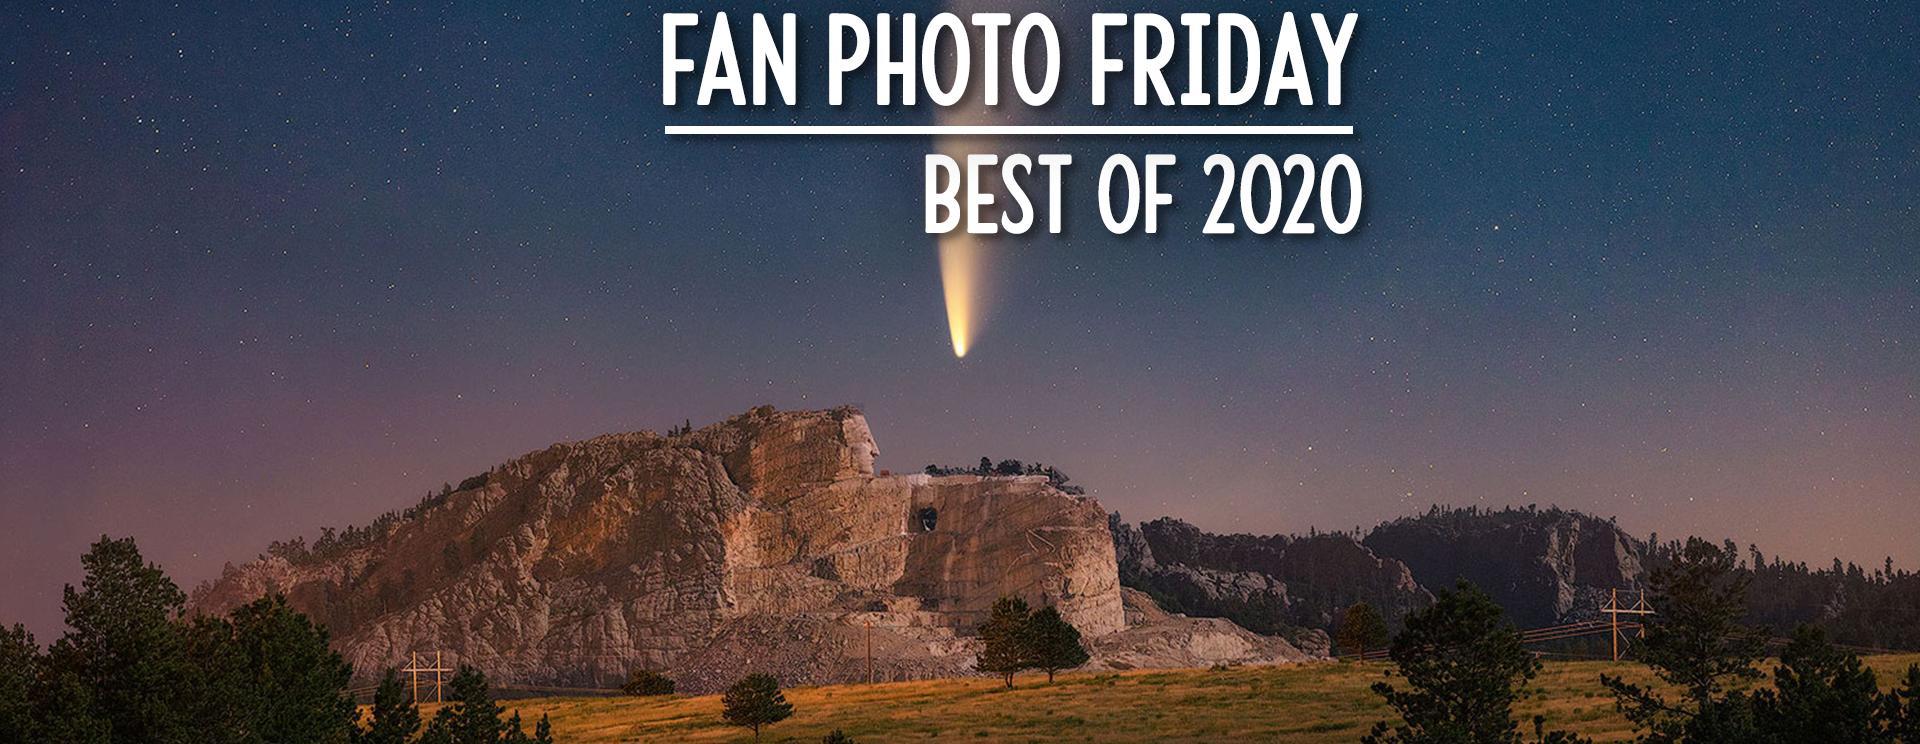 Fan Photo Friday | Best of 2020